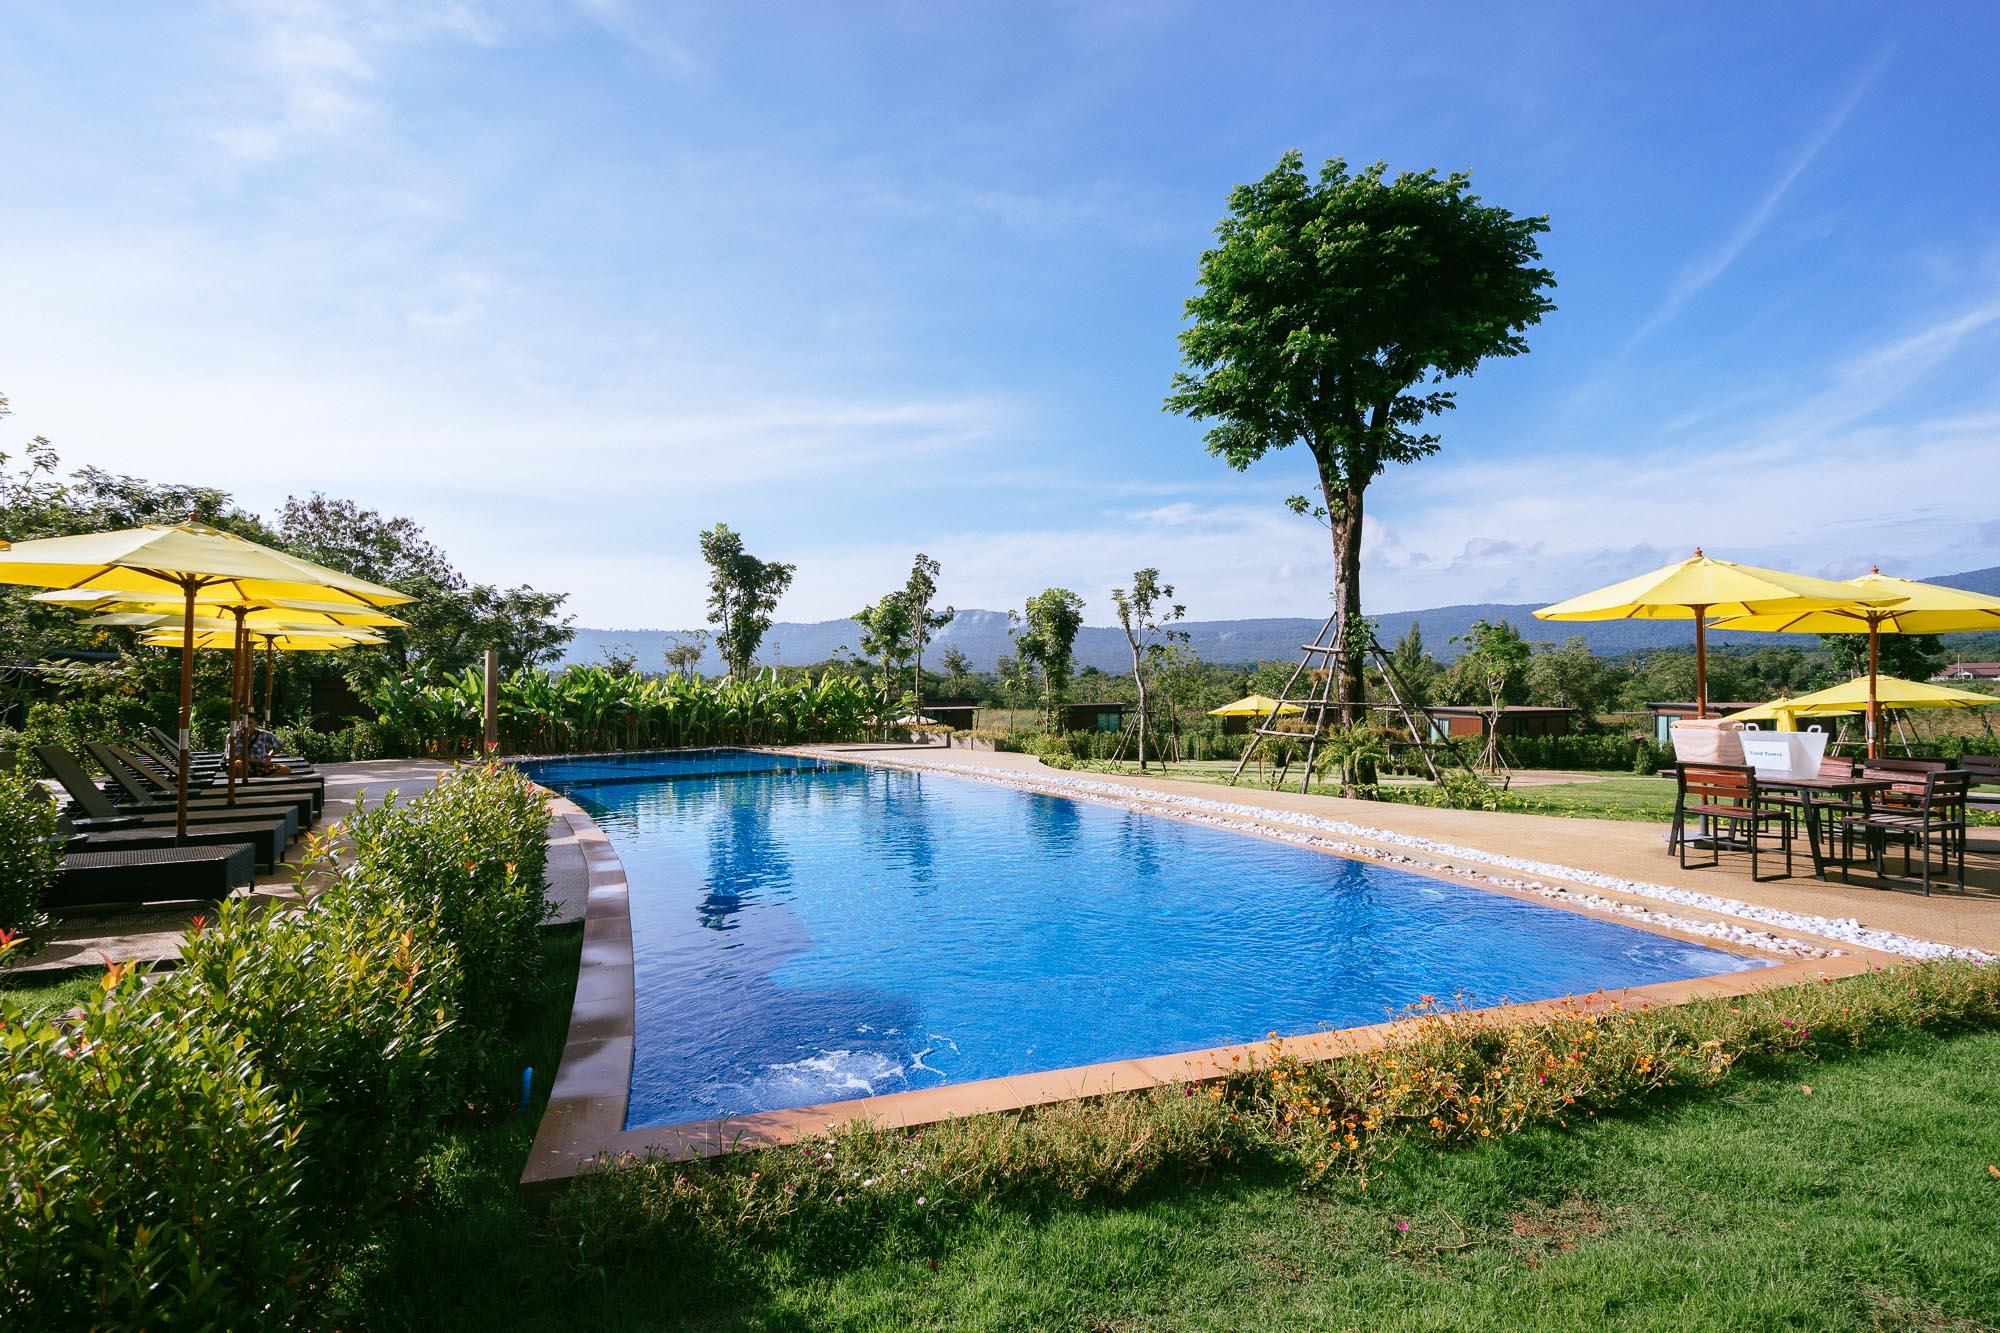 One of Khao Yai's many beautiful hotels and resorts - Limon Villa Khao Yai